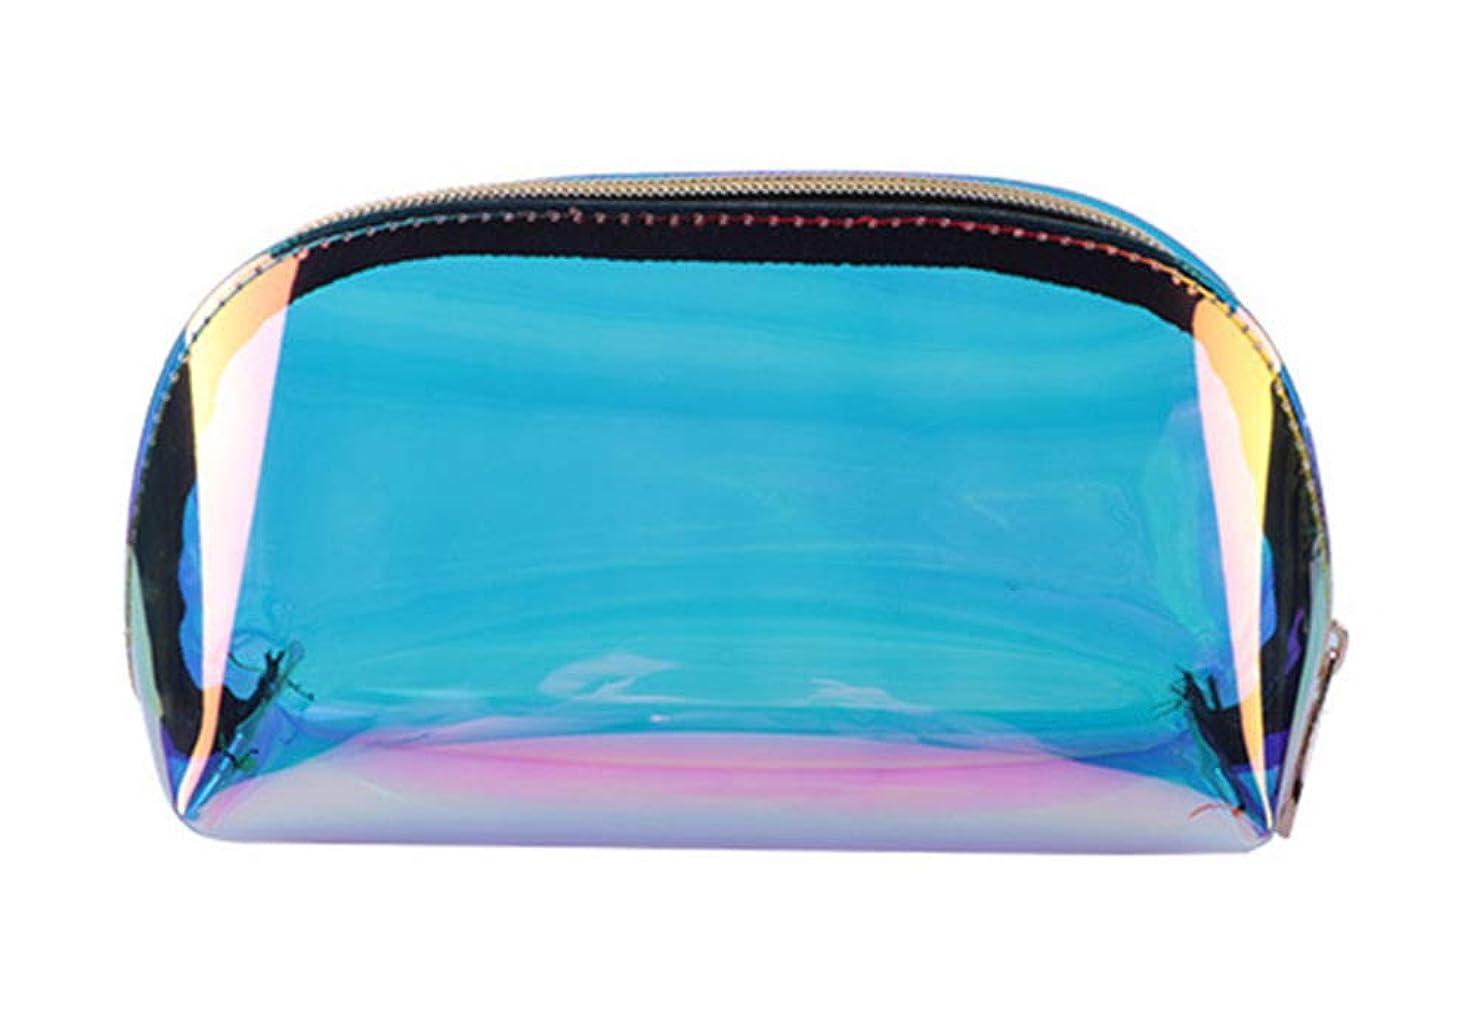 ホーム朵 メイクポーチ 化粧バッグ オーロラカラー レーザー 透明バッグ 防水 収納携帯用 おしゃれ コスメポーチ たっぷり収納 旅行 便利 超軽量 (小さい)